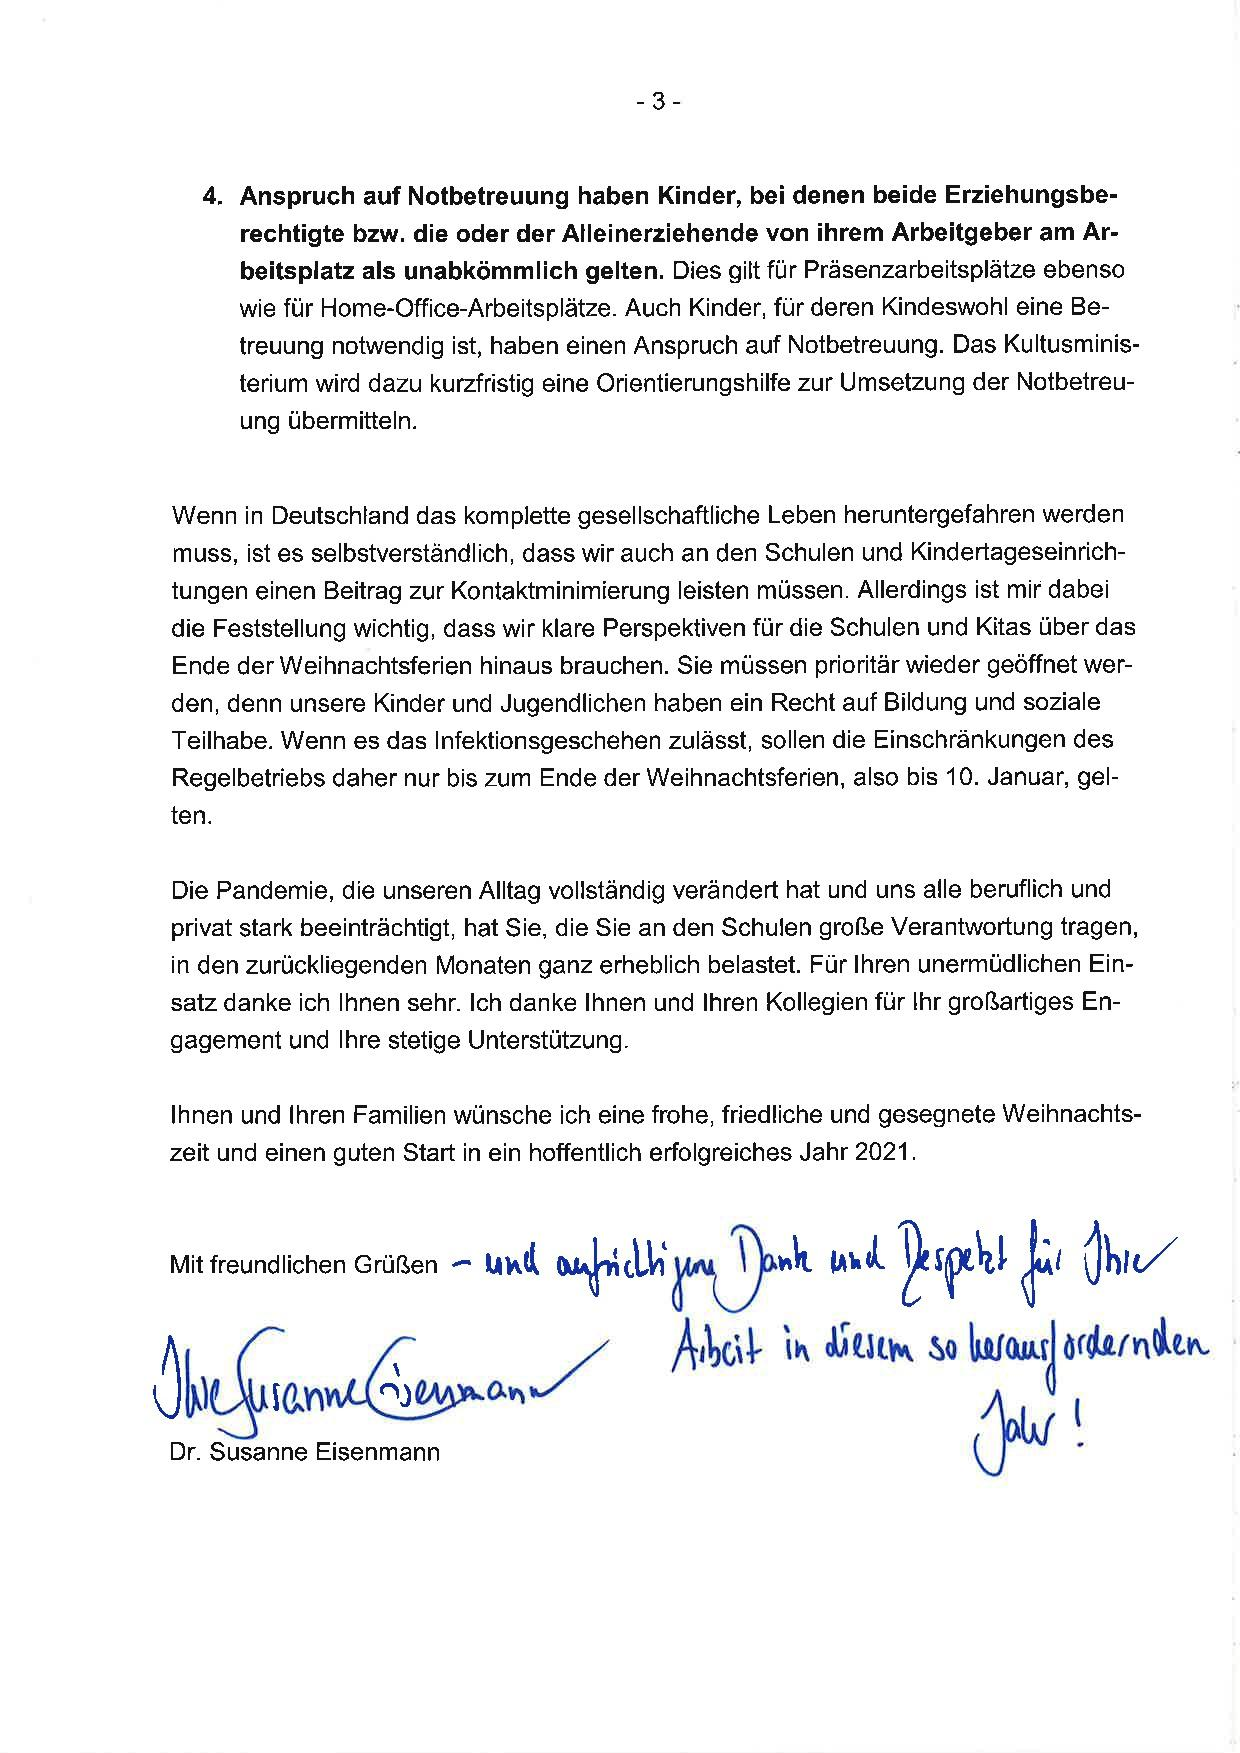 2020-12-14 Ministerin-Schreiben - Schließung der Schulen-003